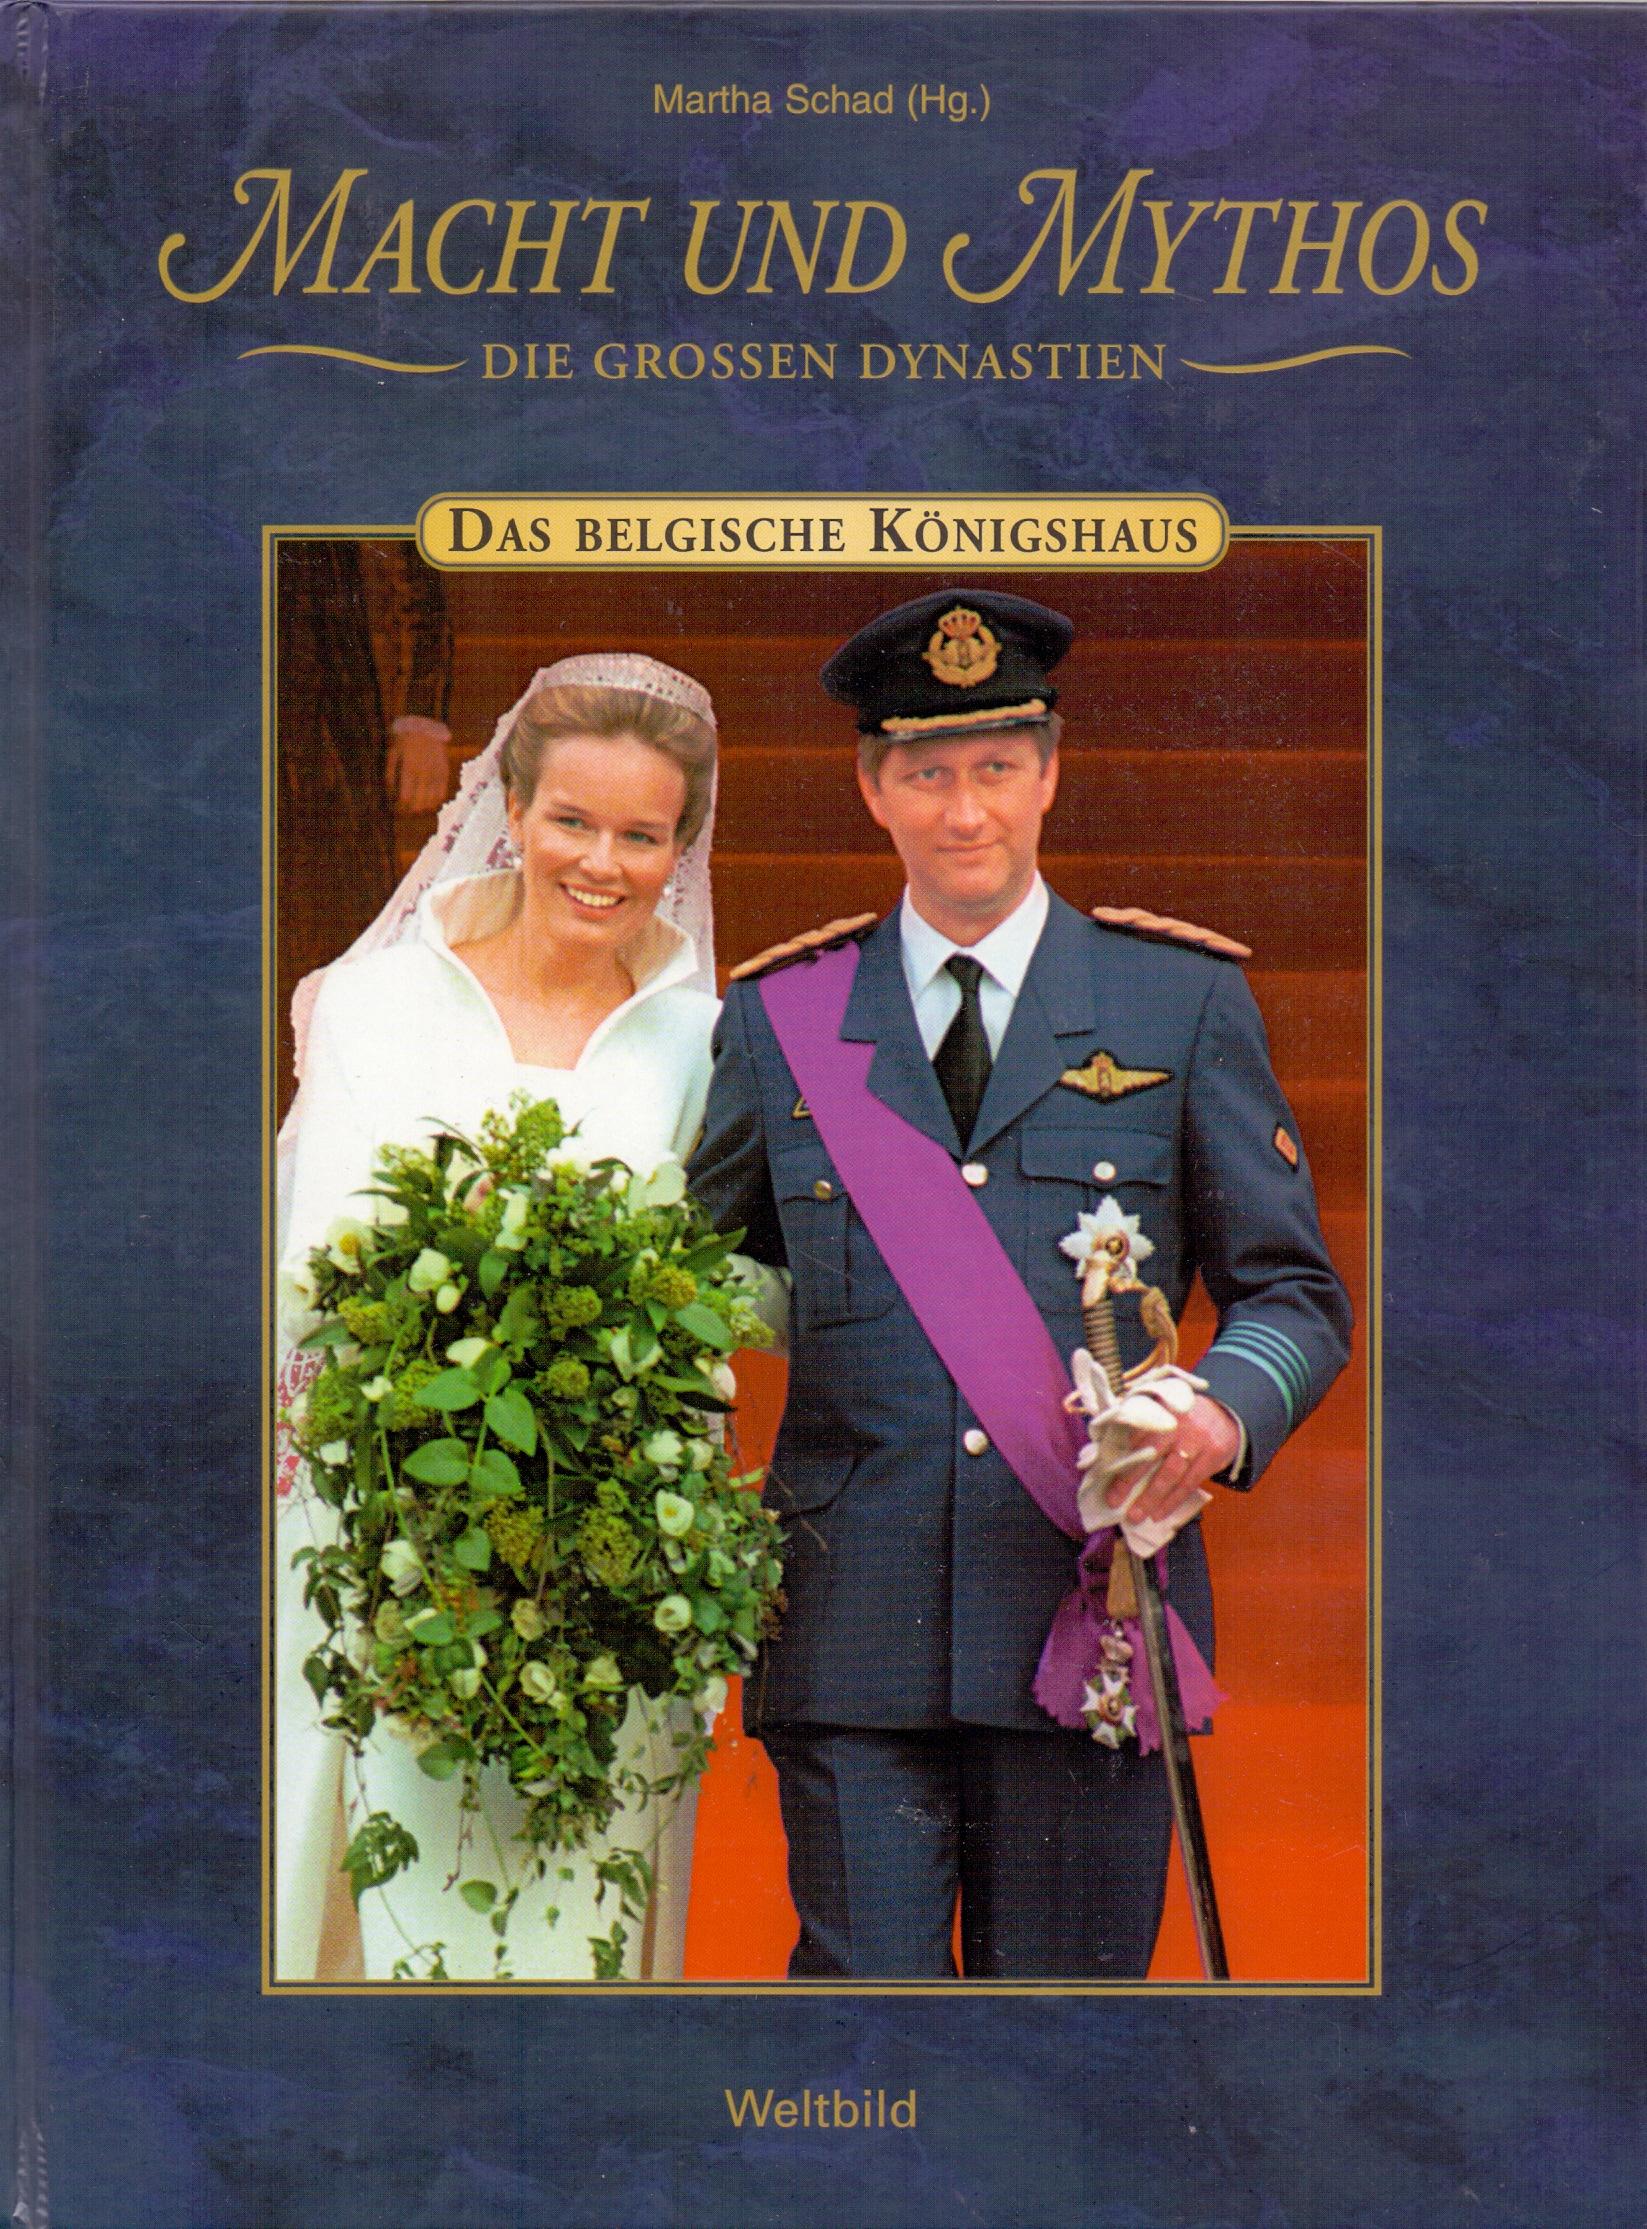 Macht und Mythos: Die Grossen Dynastien - Das Belgische Königshaus - Martha Schad [Gebundene Ausgabe, Weltbild]